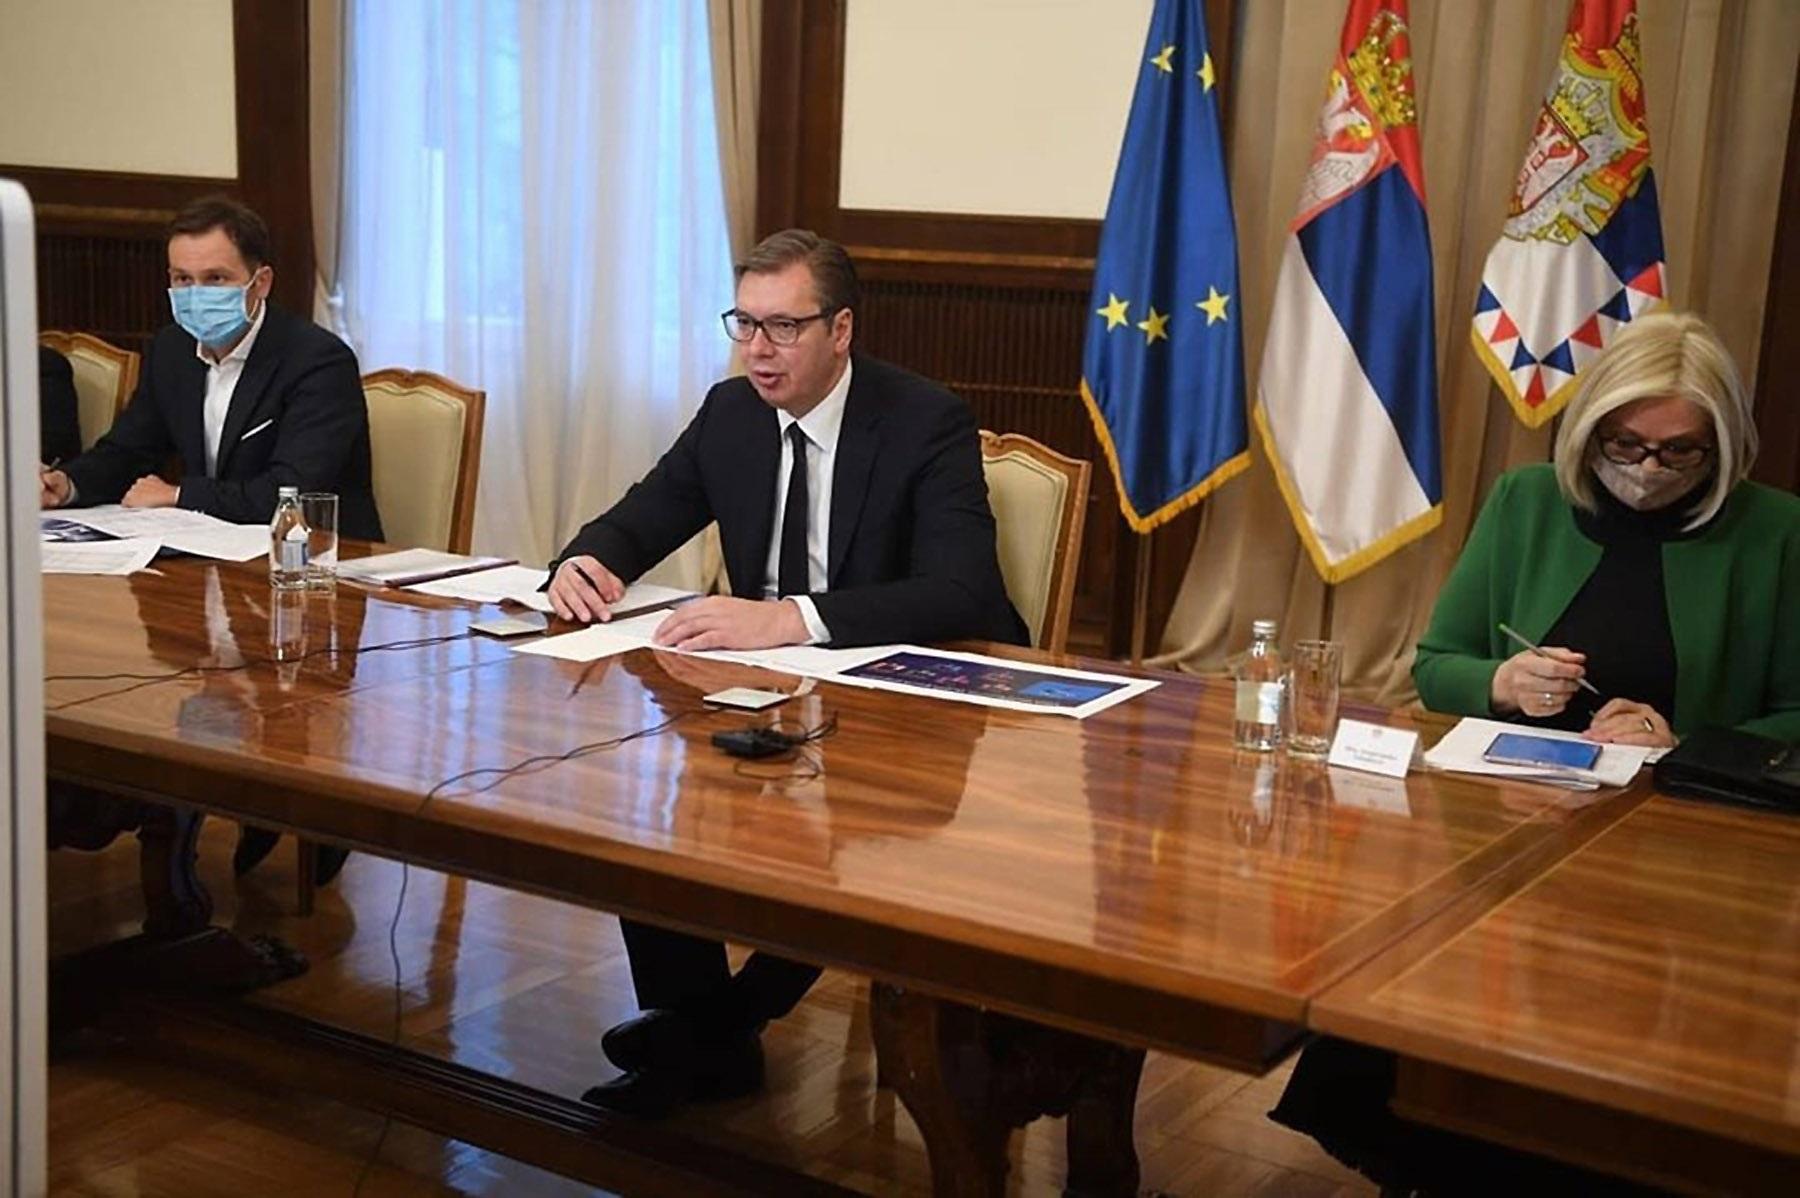 Ministar finansija Siniša Mali, predsednik Srbije Aleksandar Vučić i guvernerka NBS Jorgovanka Tabaković tokom onlajn sastanka sa predstavnicima MMF-a, Beograd, 14. oktobar 2020. (Foto: Tanjug/Instagram (buducnostsrbijeav)